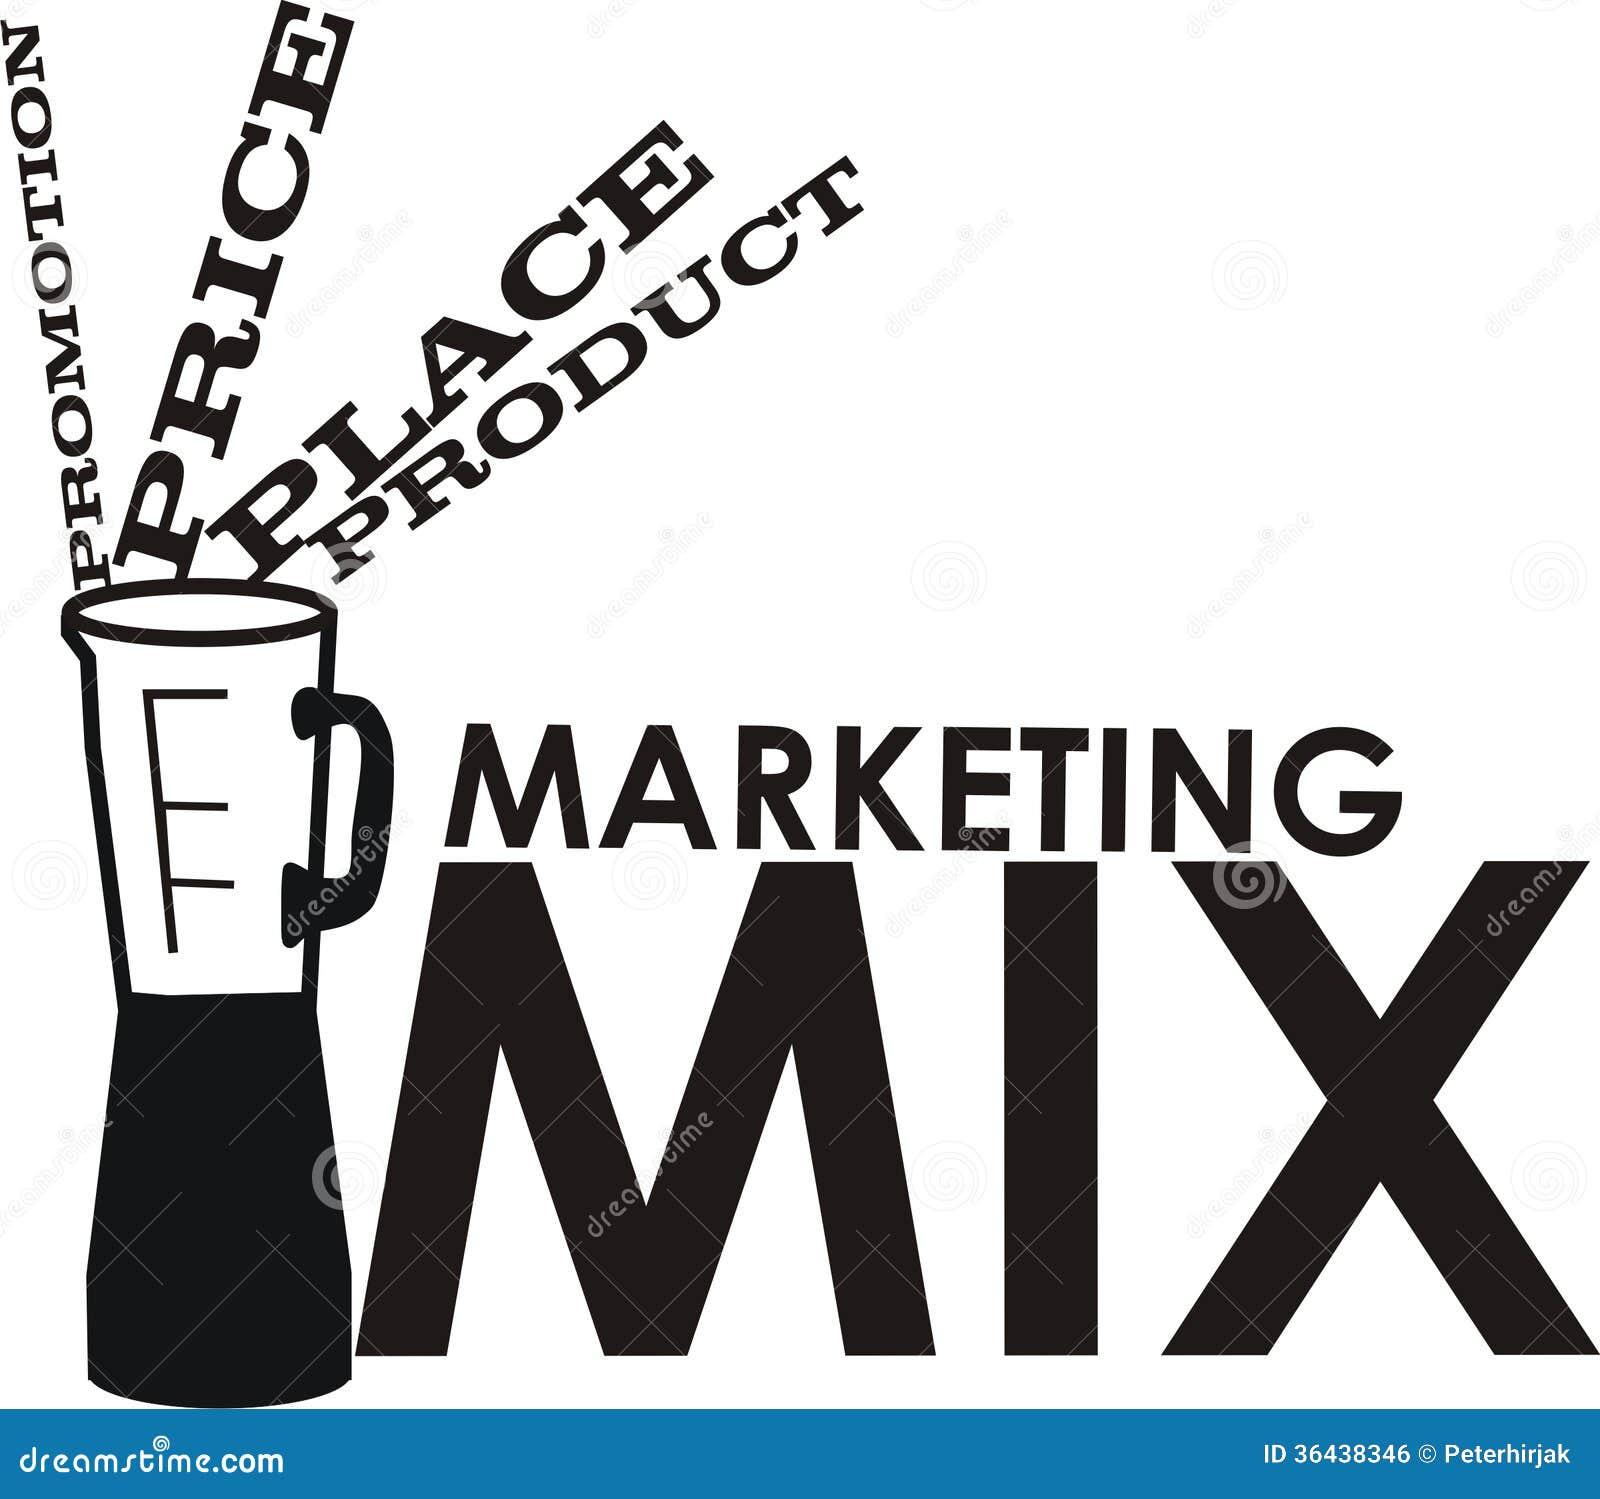 marketing mix royalty free stock image